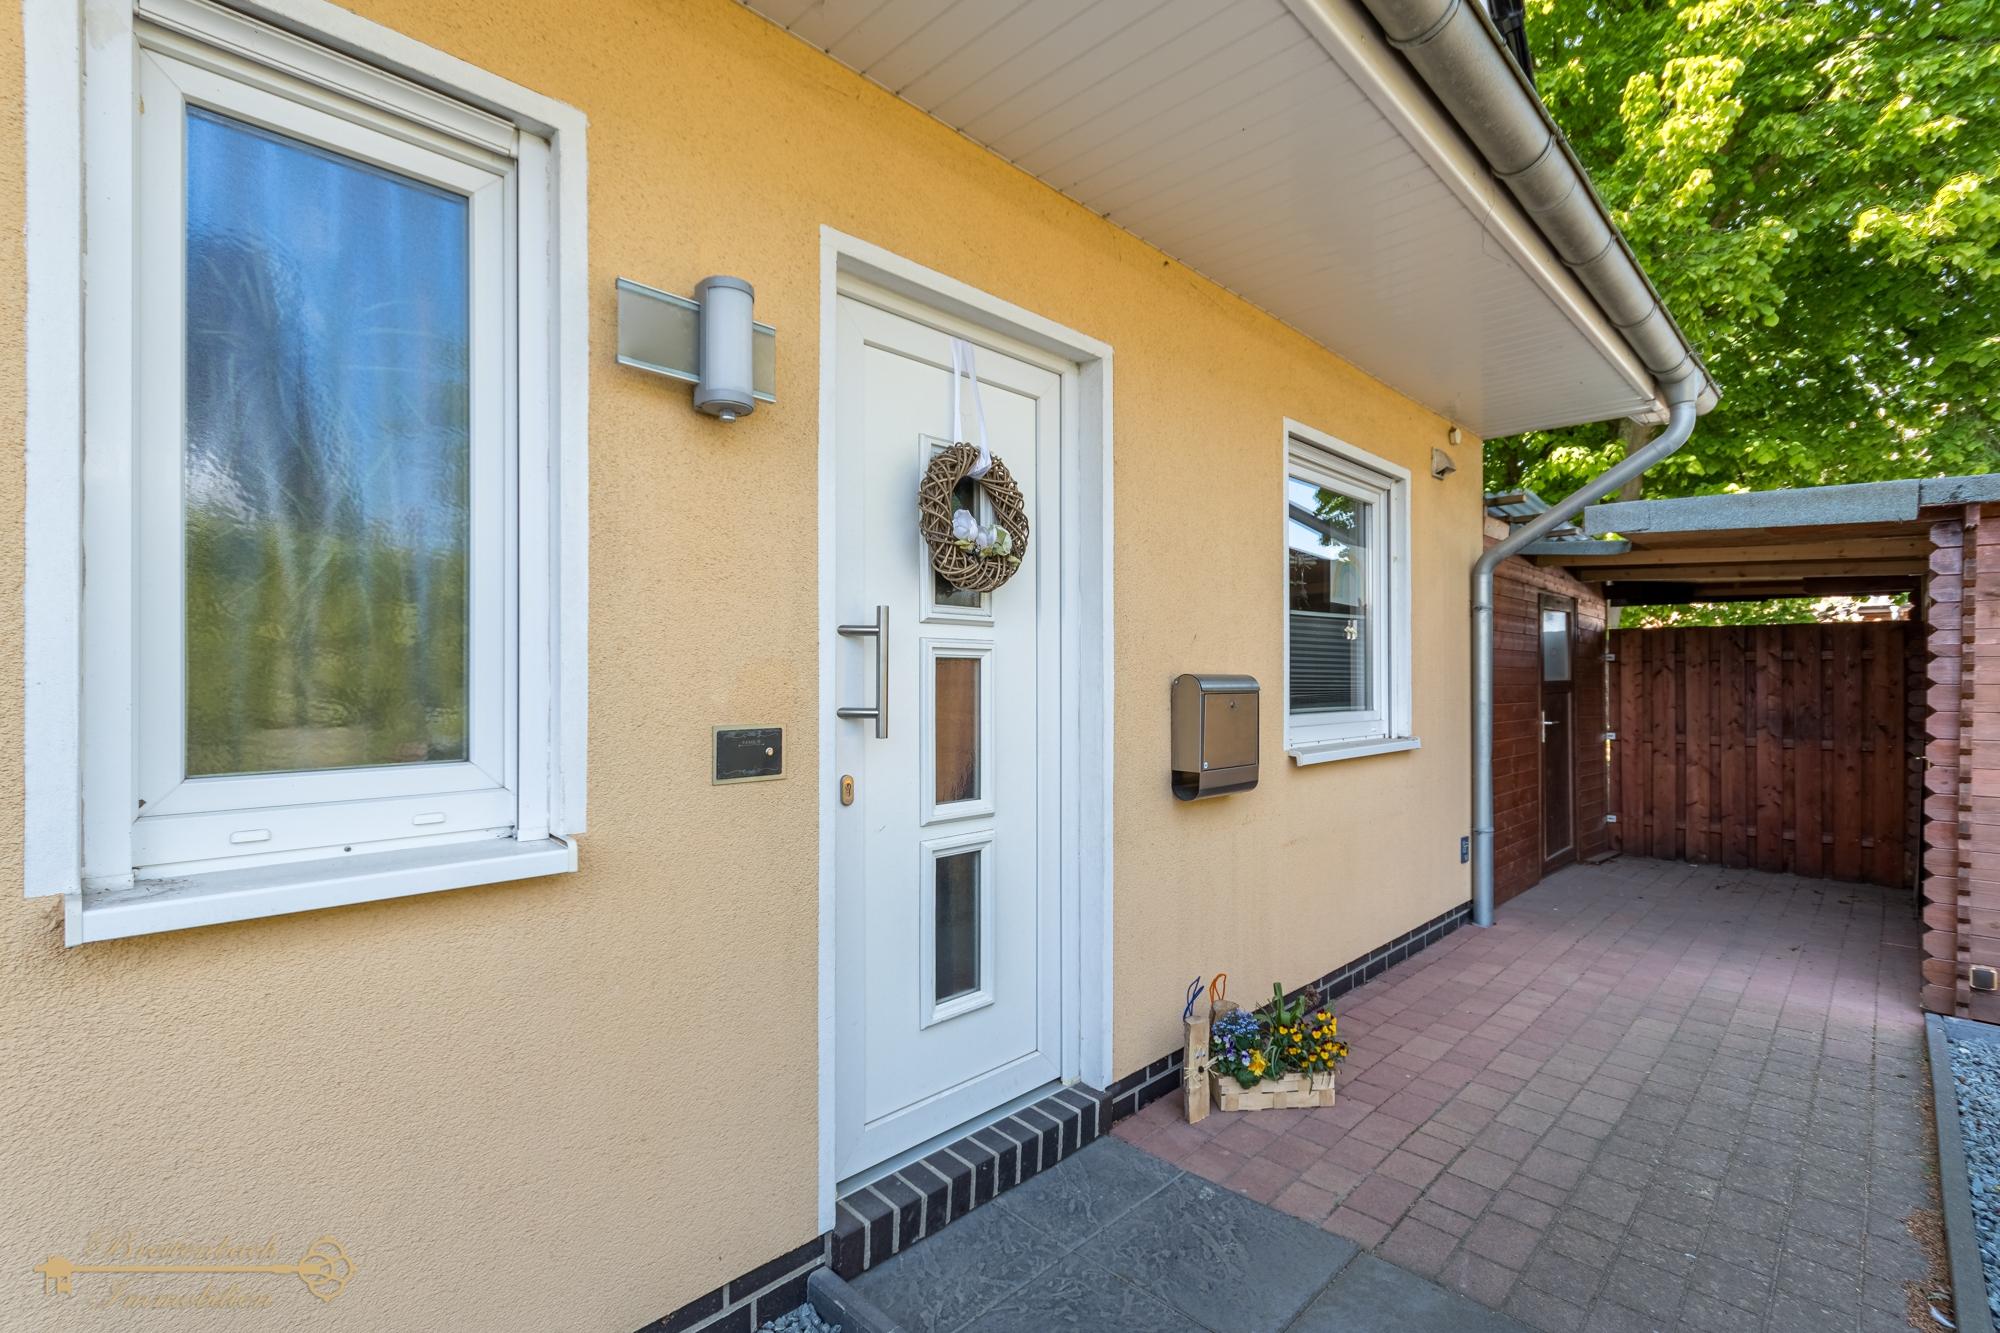 2020-05-08-Breitenbach-Immobilien-2